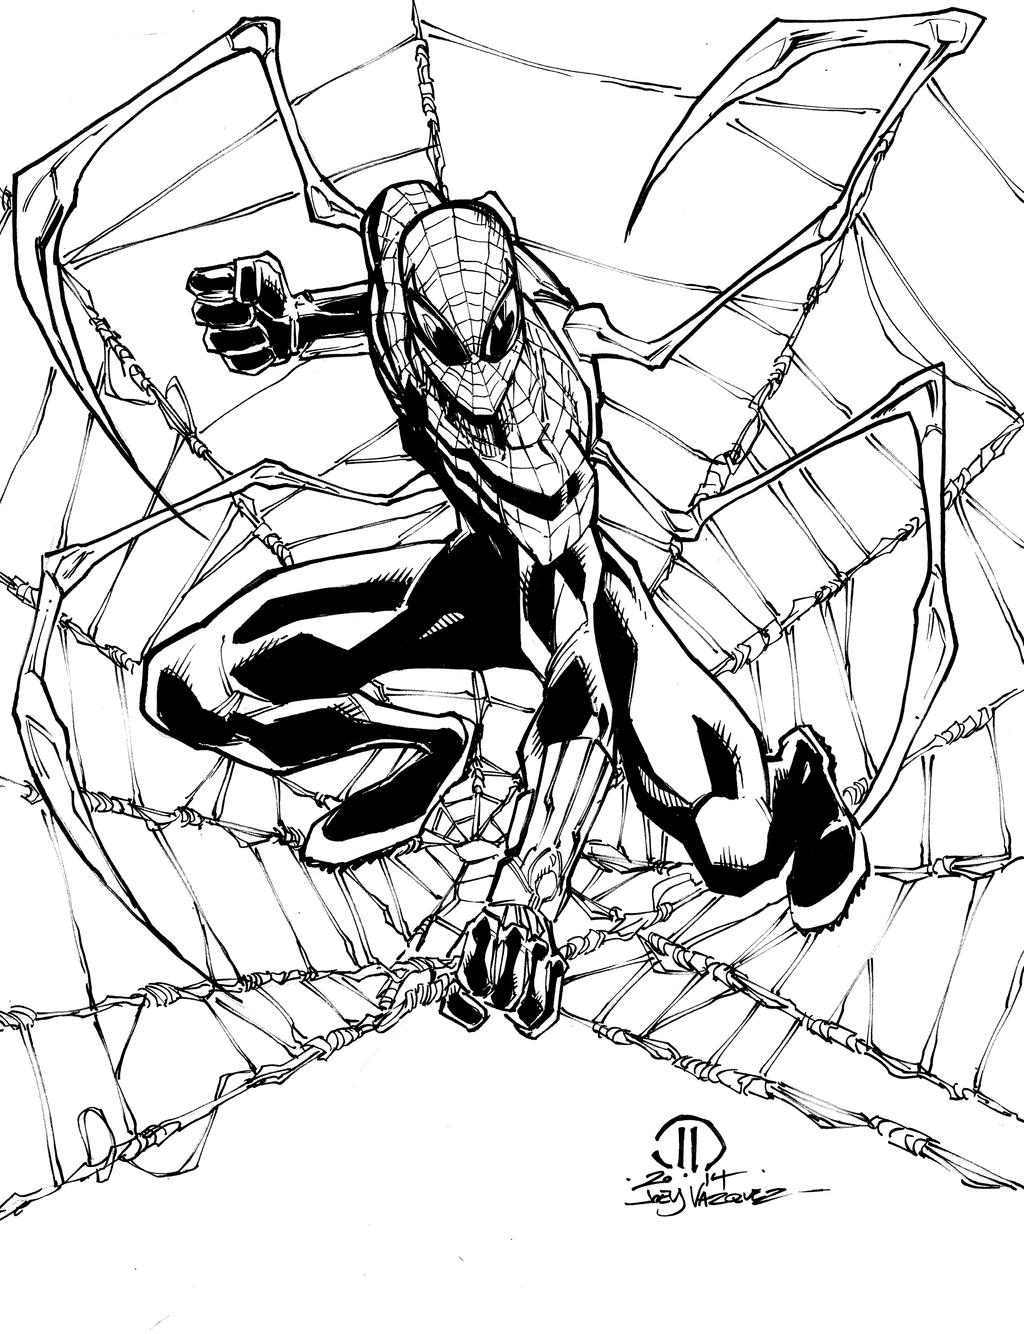 Superior Spider-man ock arms inks by JoeyVazquez